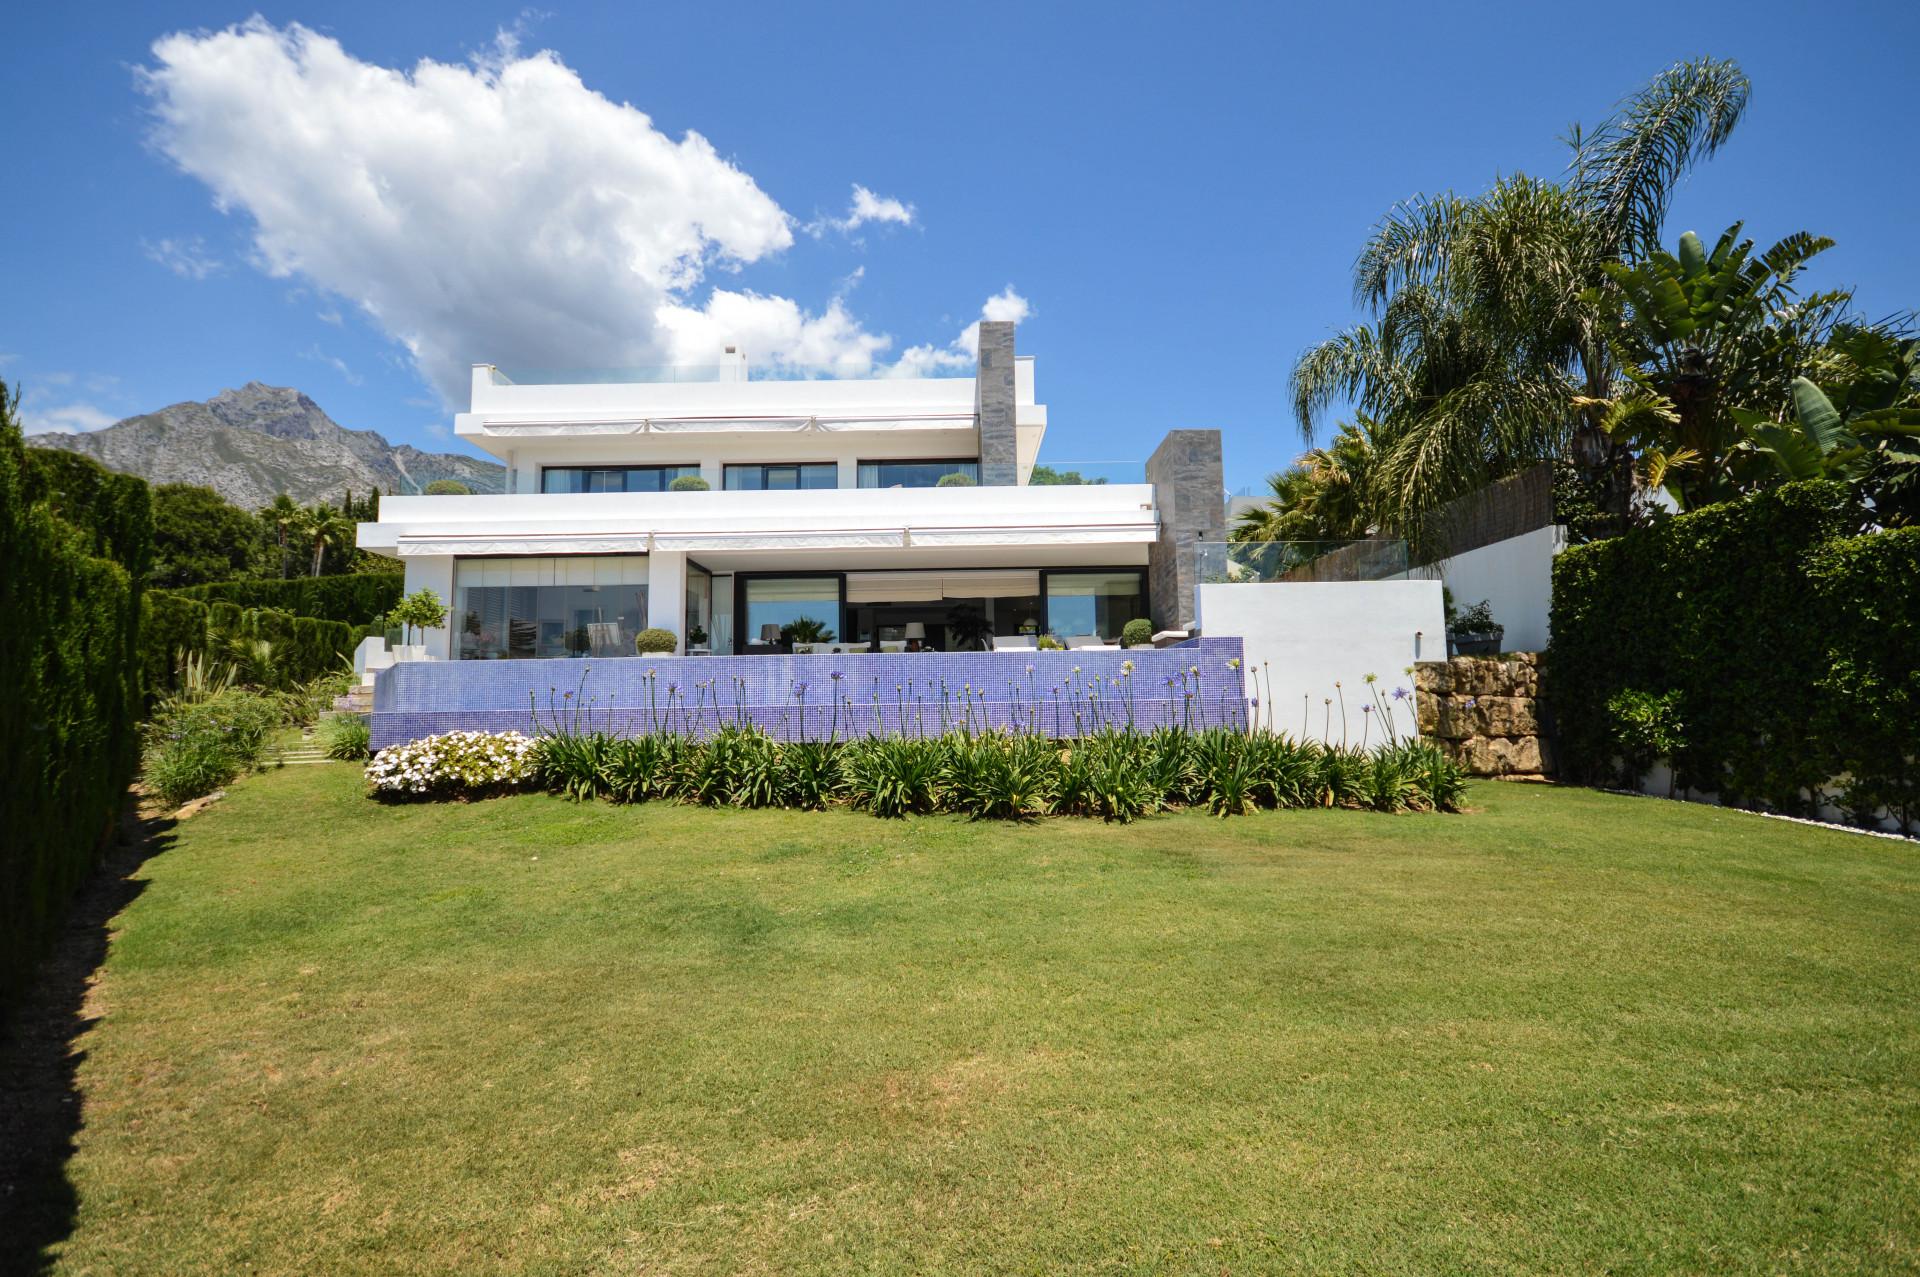 ARFV2151 - Moderne Villa zum Verkauf in Nagüeles an der Goldenen Meile in Marbella